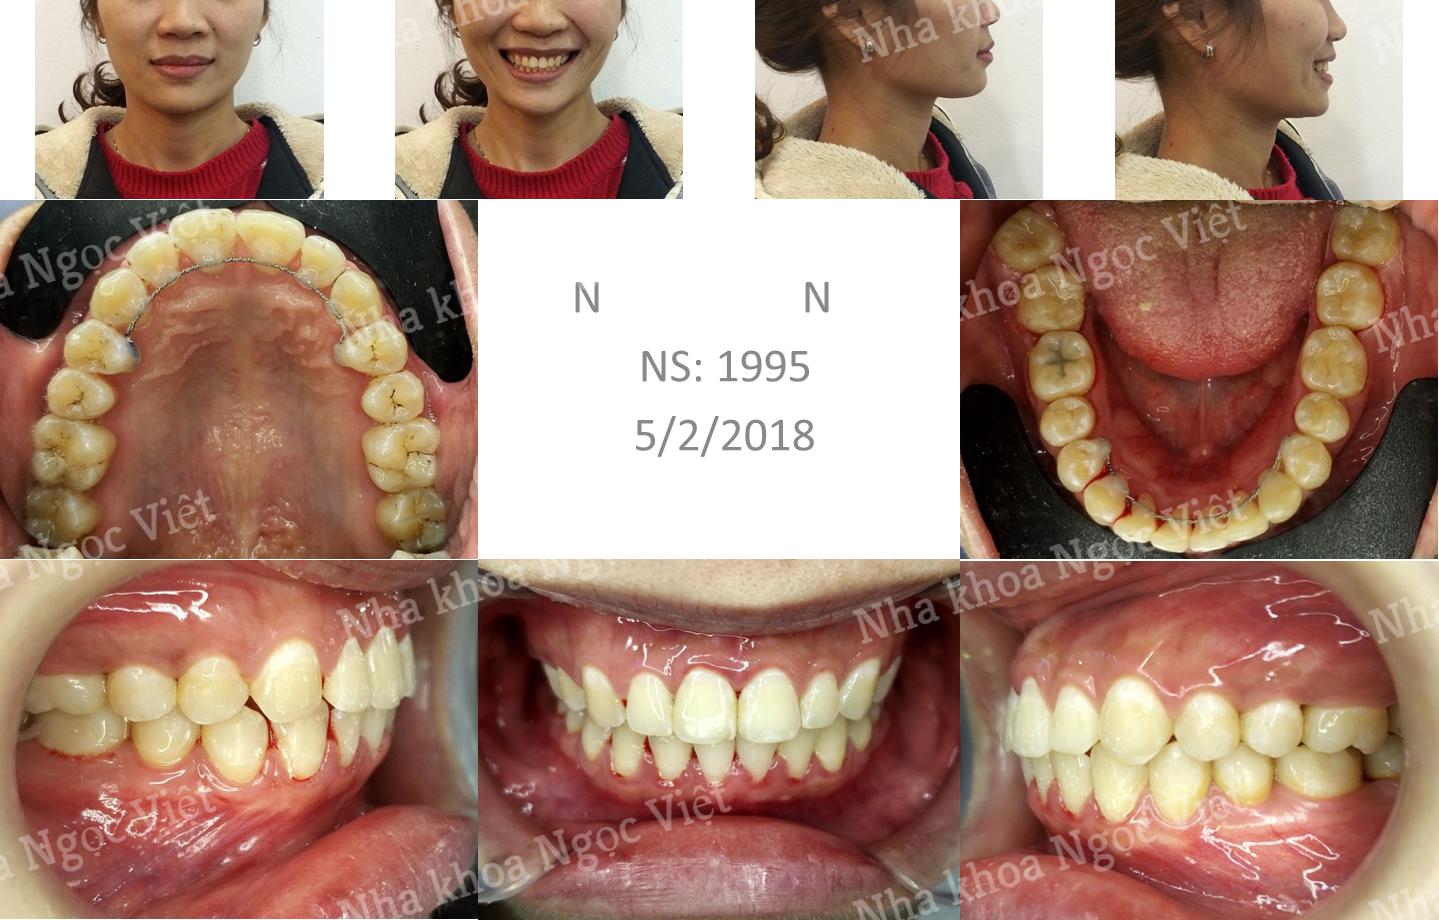 Niềng răng thưa hà nội 2018 4